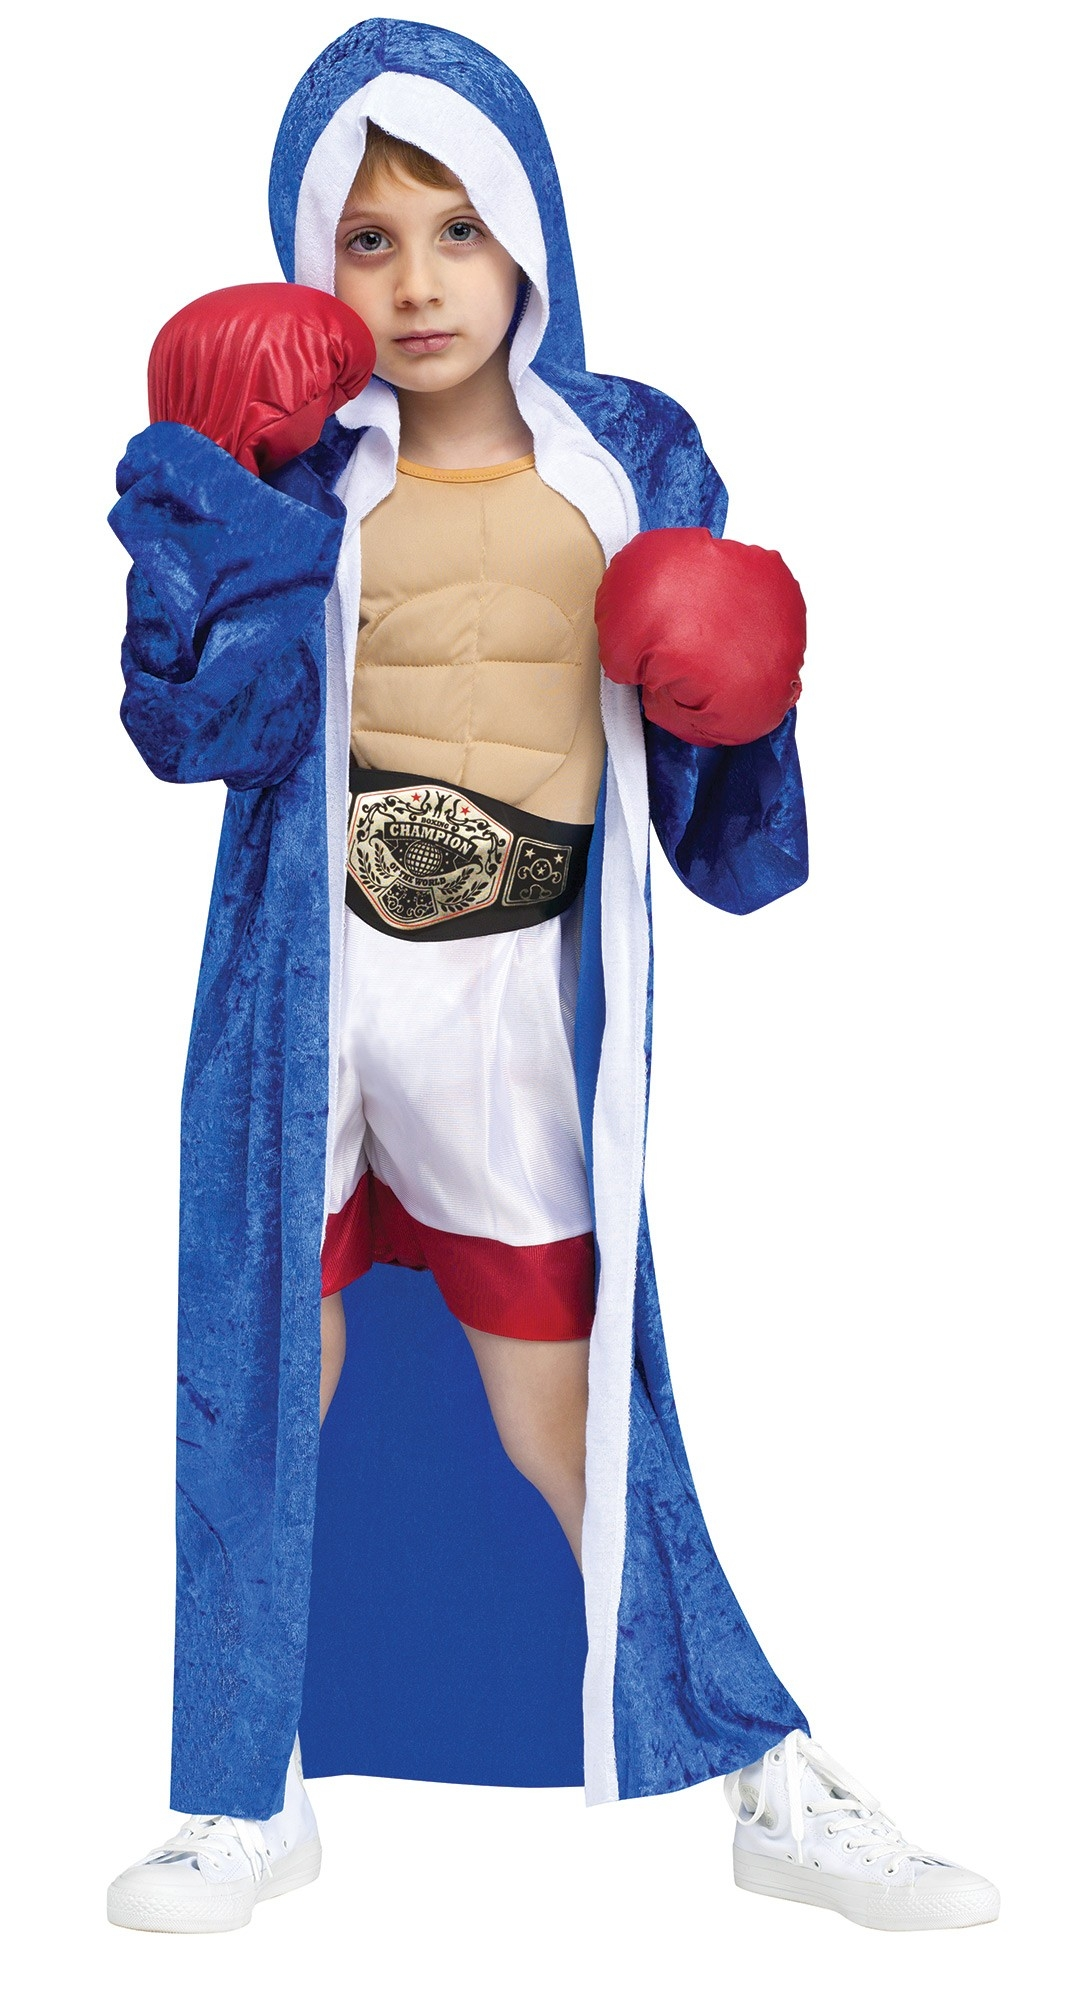 Детский костюм Чемпиона Боксера (22-24) детский костюм чемпиона боксера 22